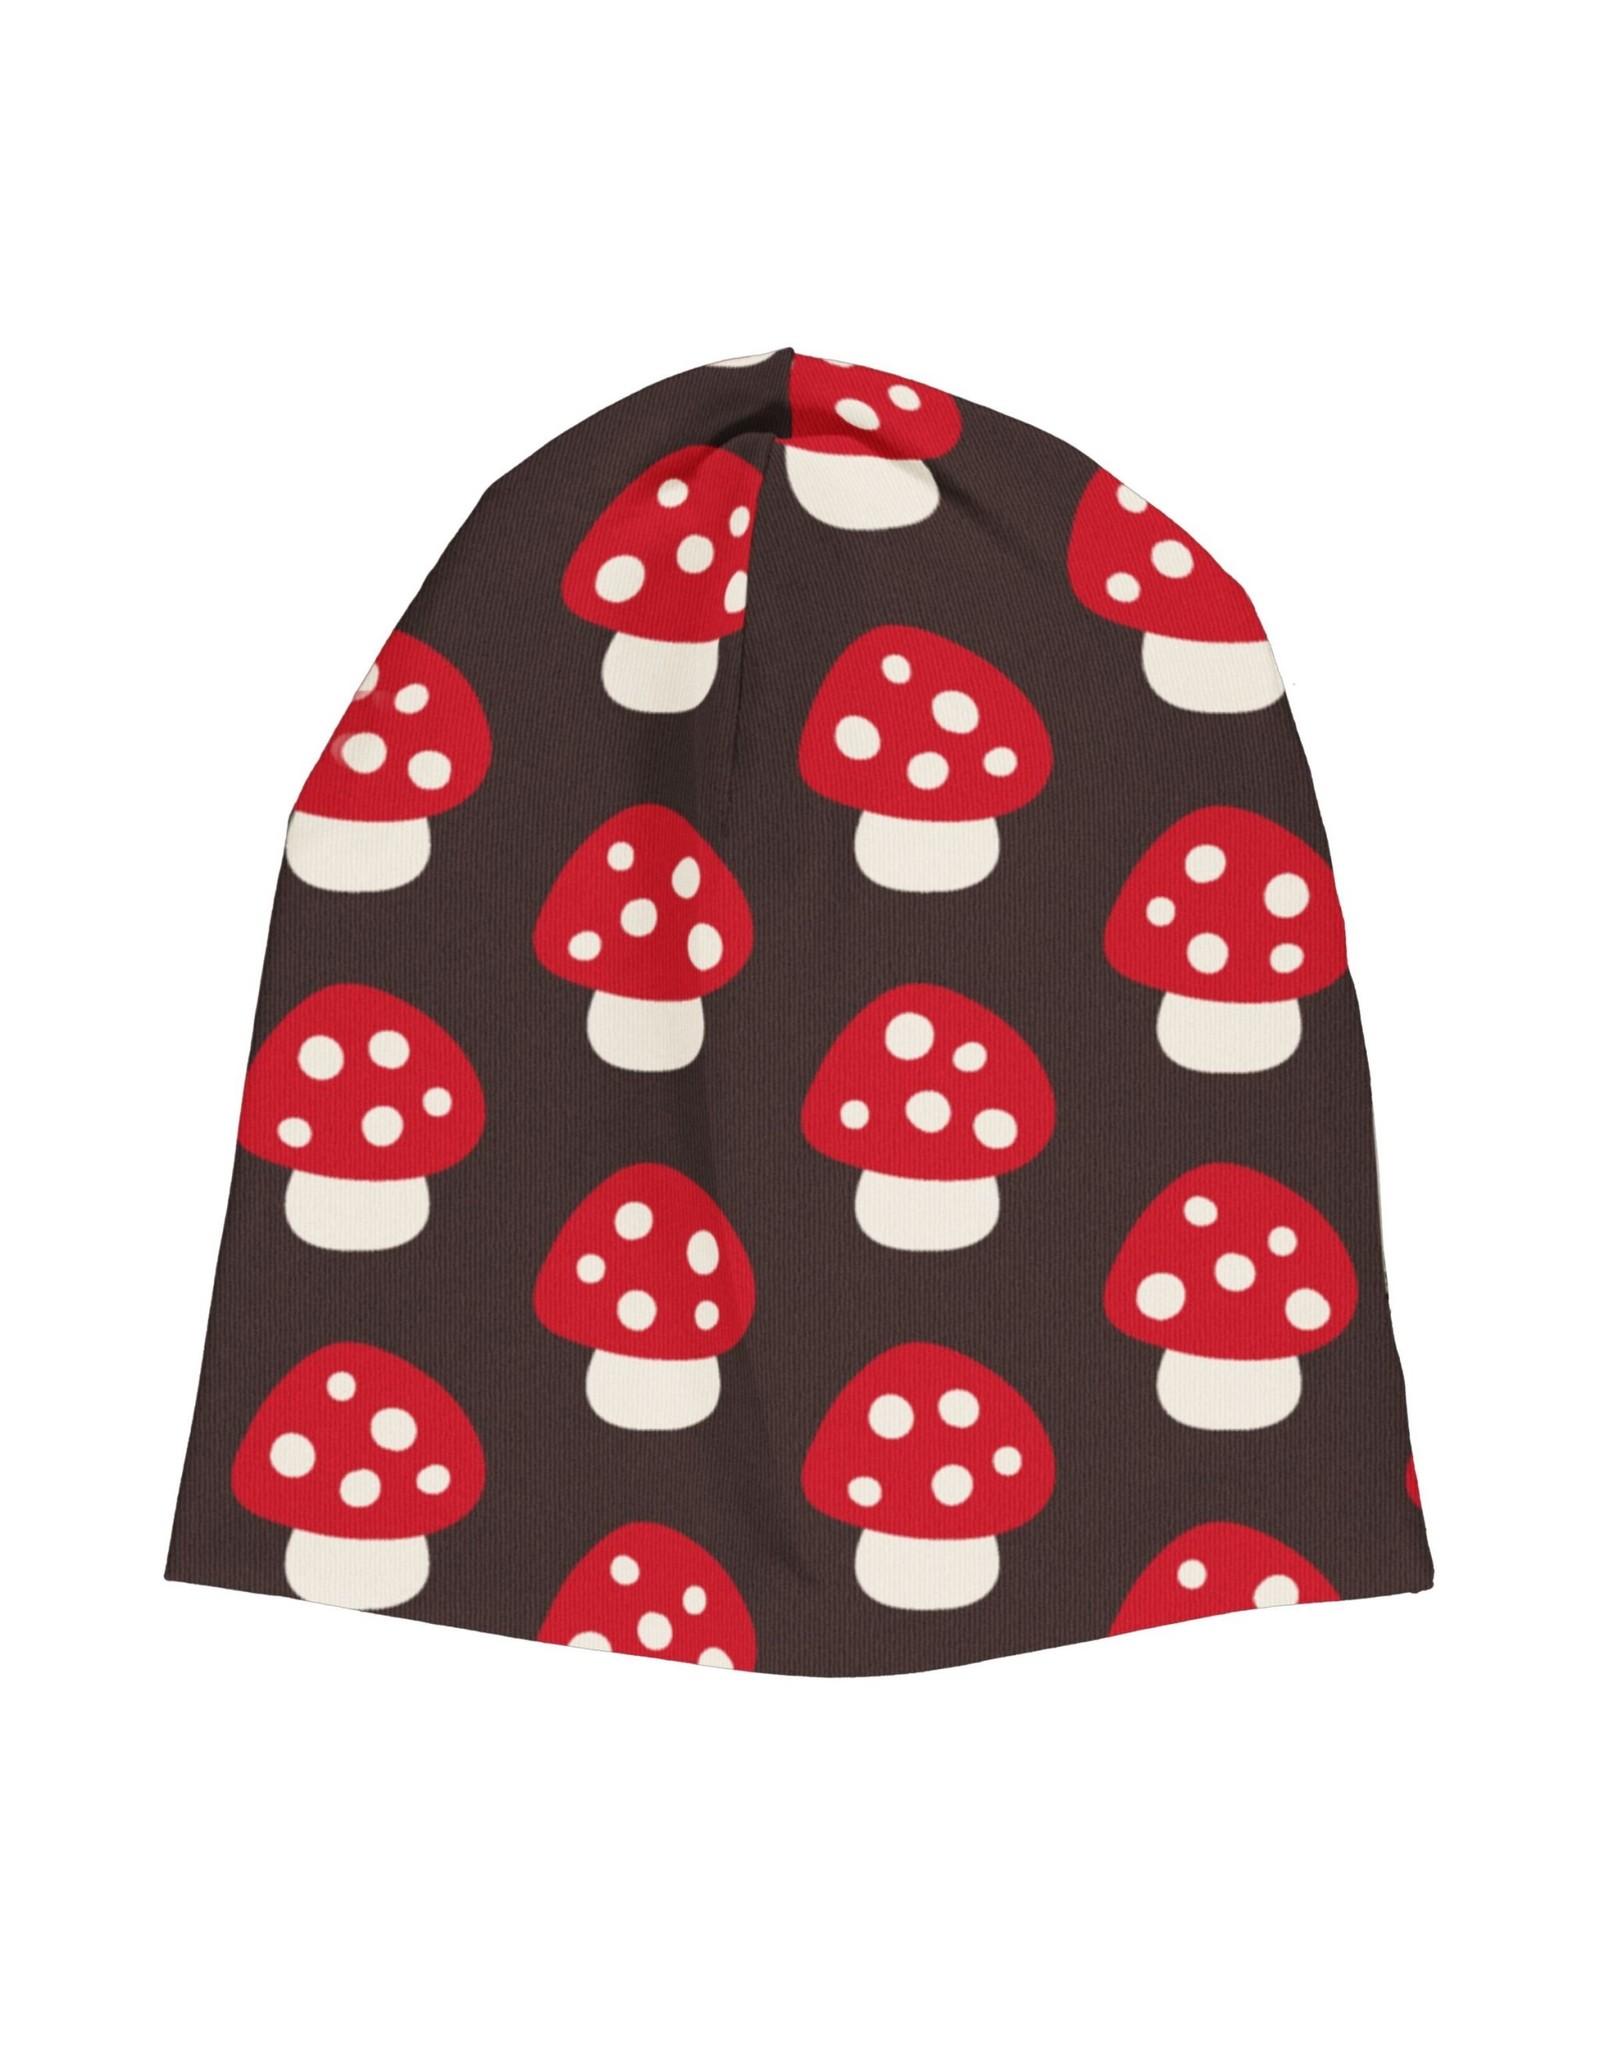 Maxomorra Muts (binnenkant velours) met paddenstoelen print